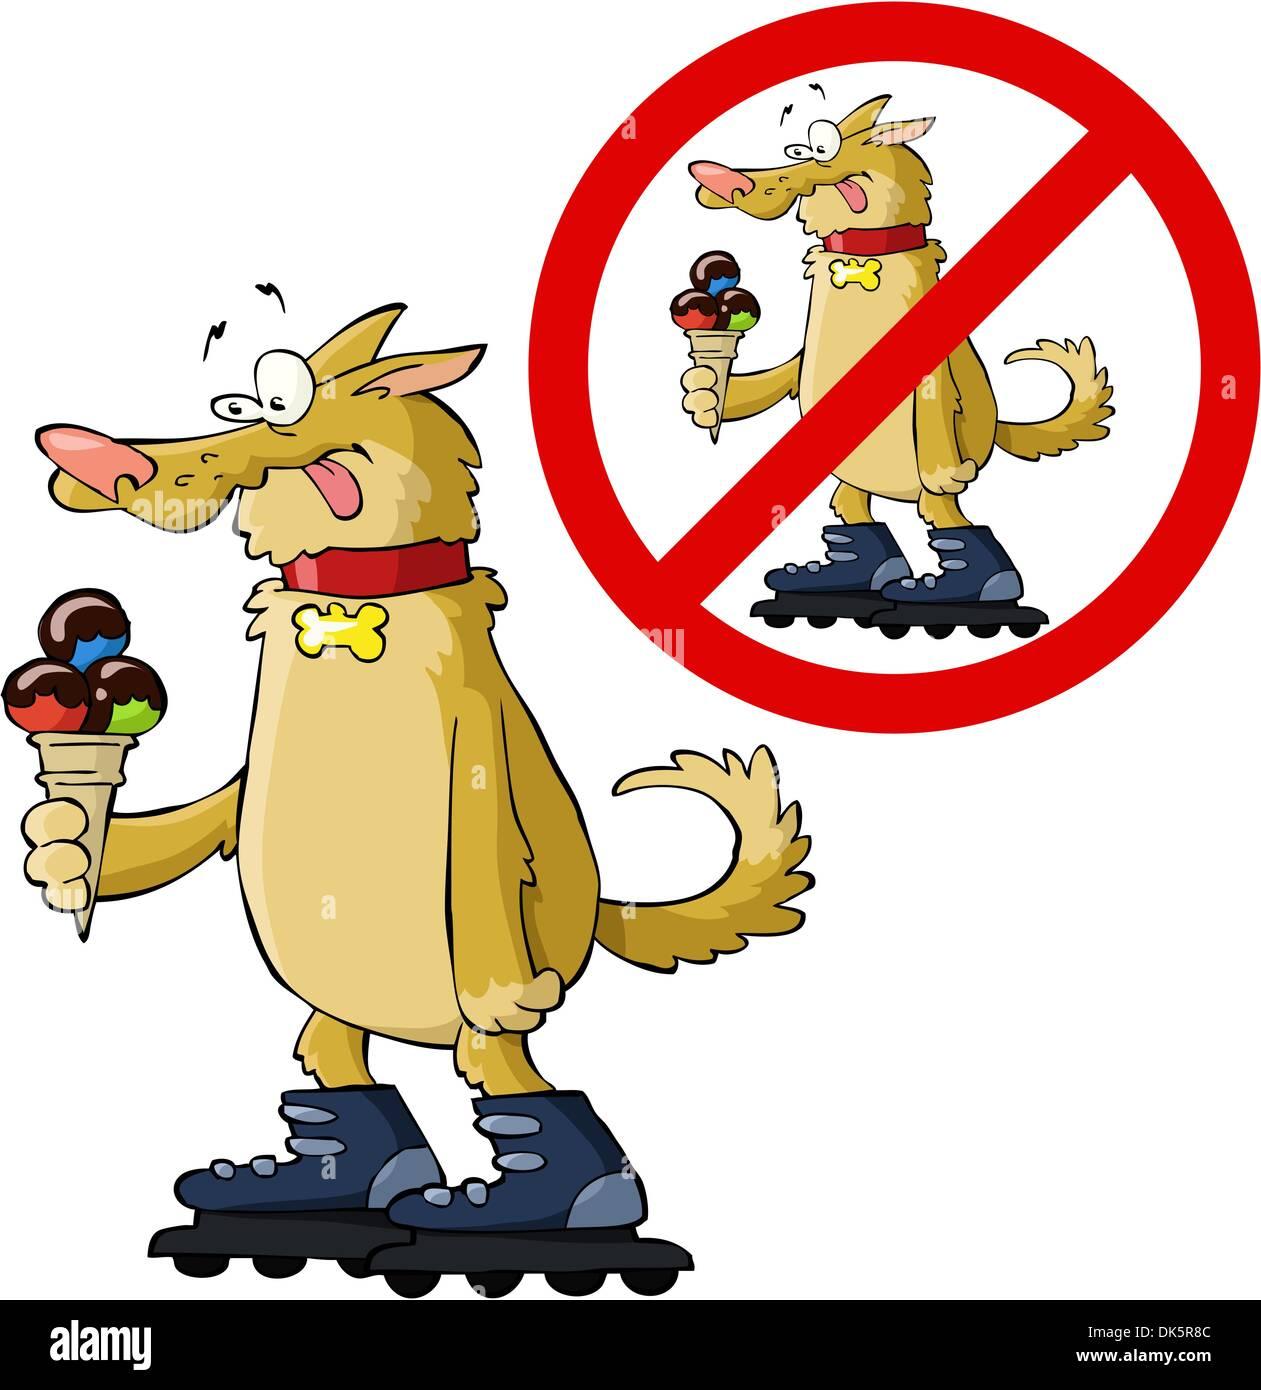 Смешная картинка вход собаке с мороженным и на роликах запрещен, день